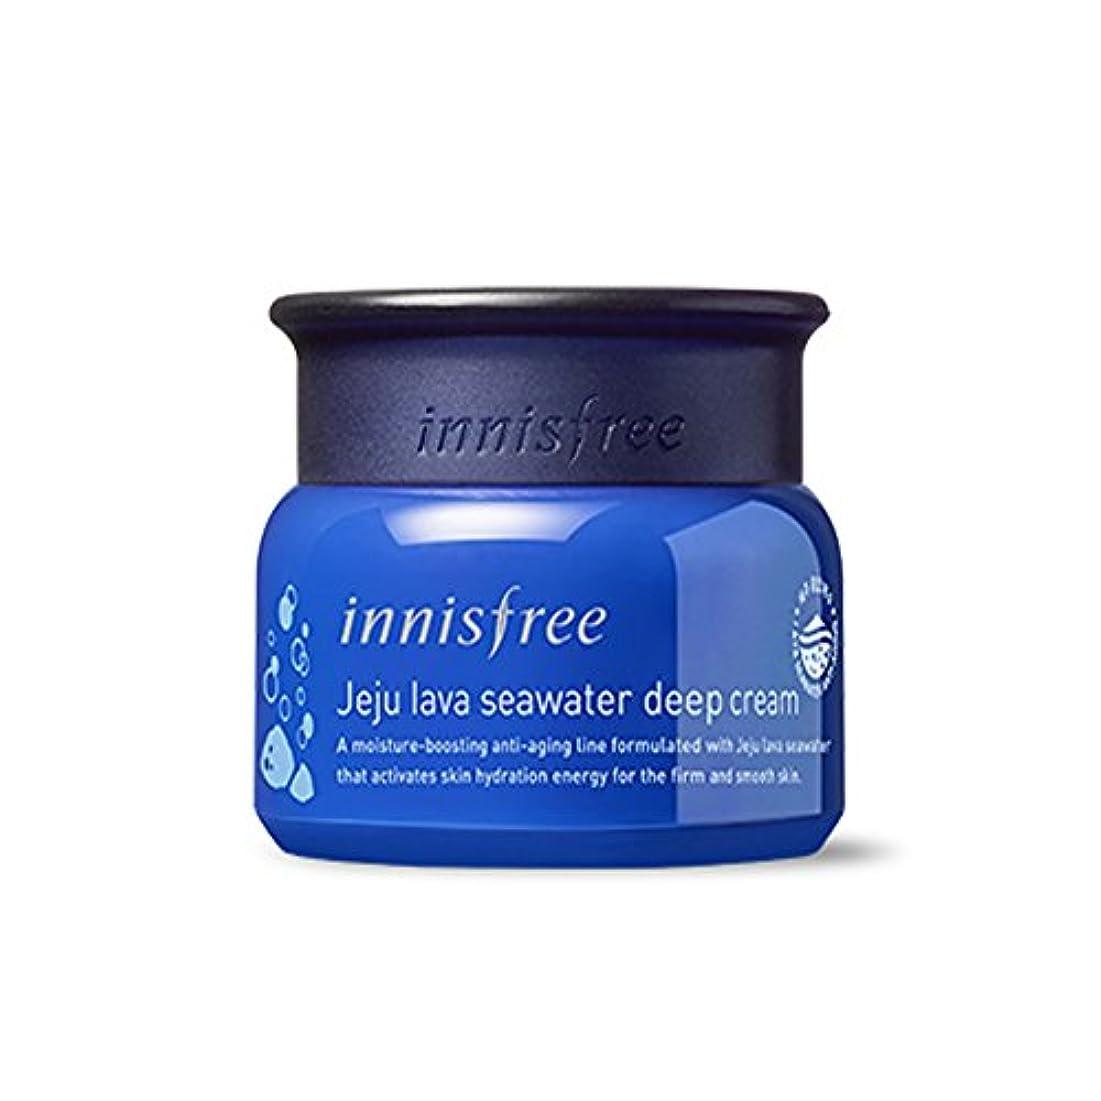 銀河名目上のベルイニスフリー済州ラブシーウォーターディープクリーム50ml Innisfree Jeju Lava Seawater Deep Cream 50ml [外直送品][並行輸入品]